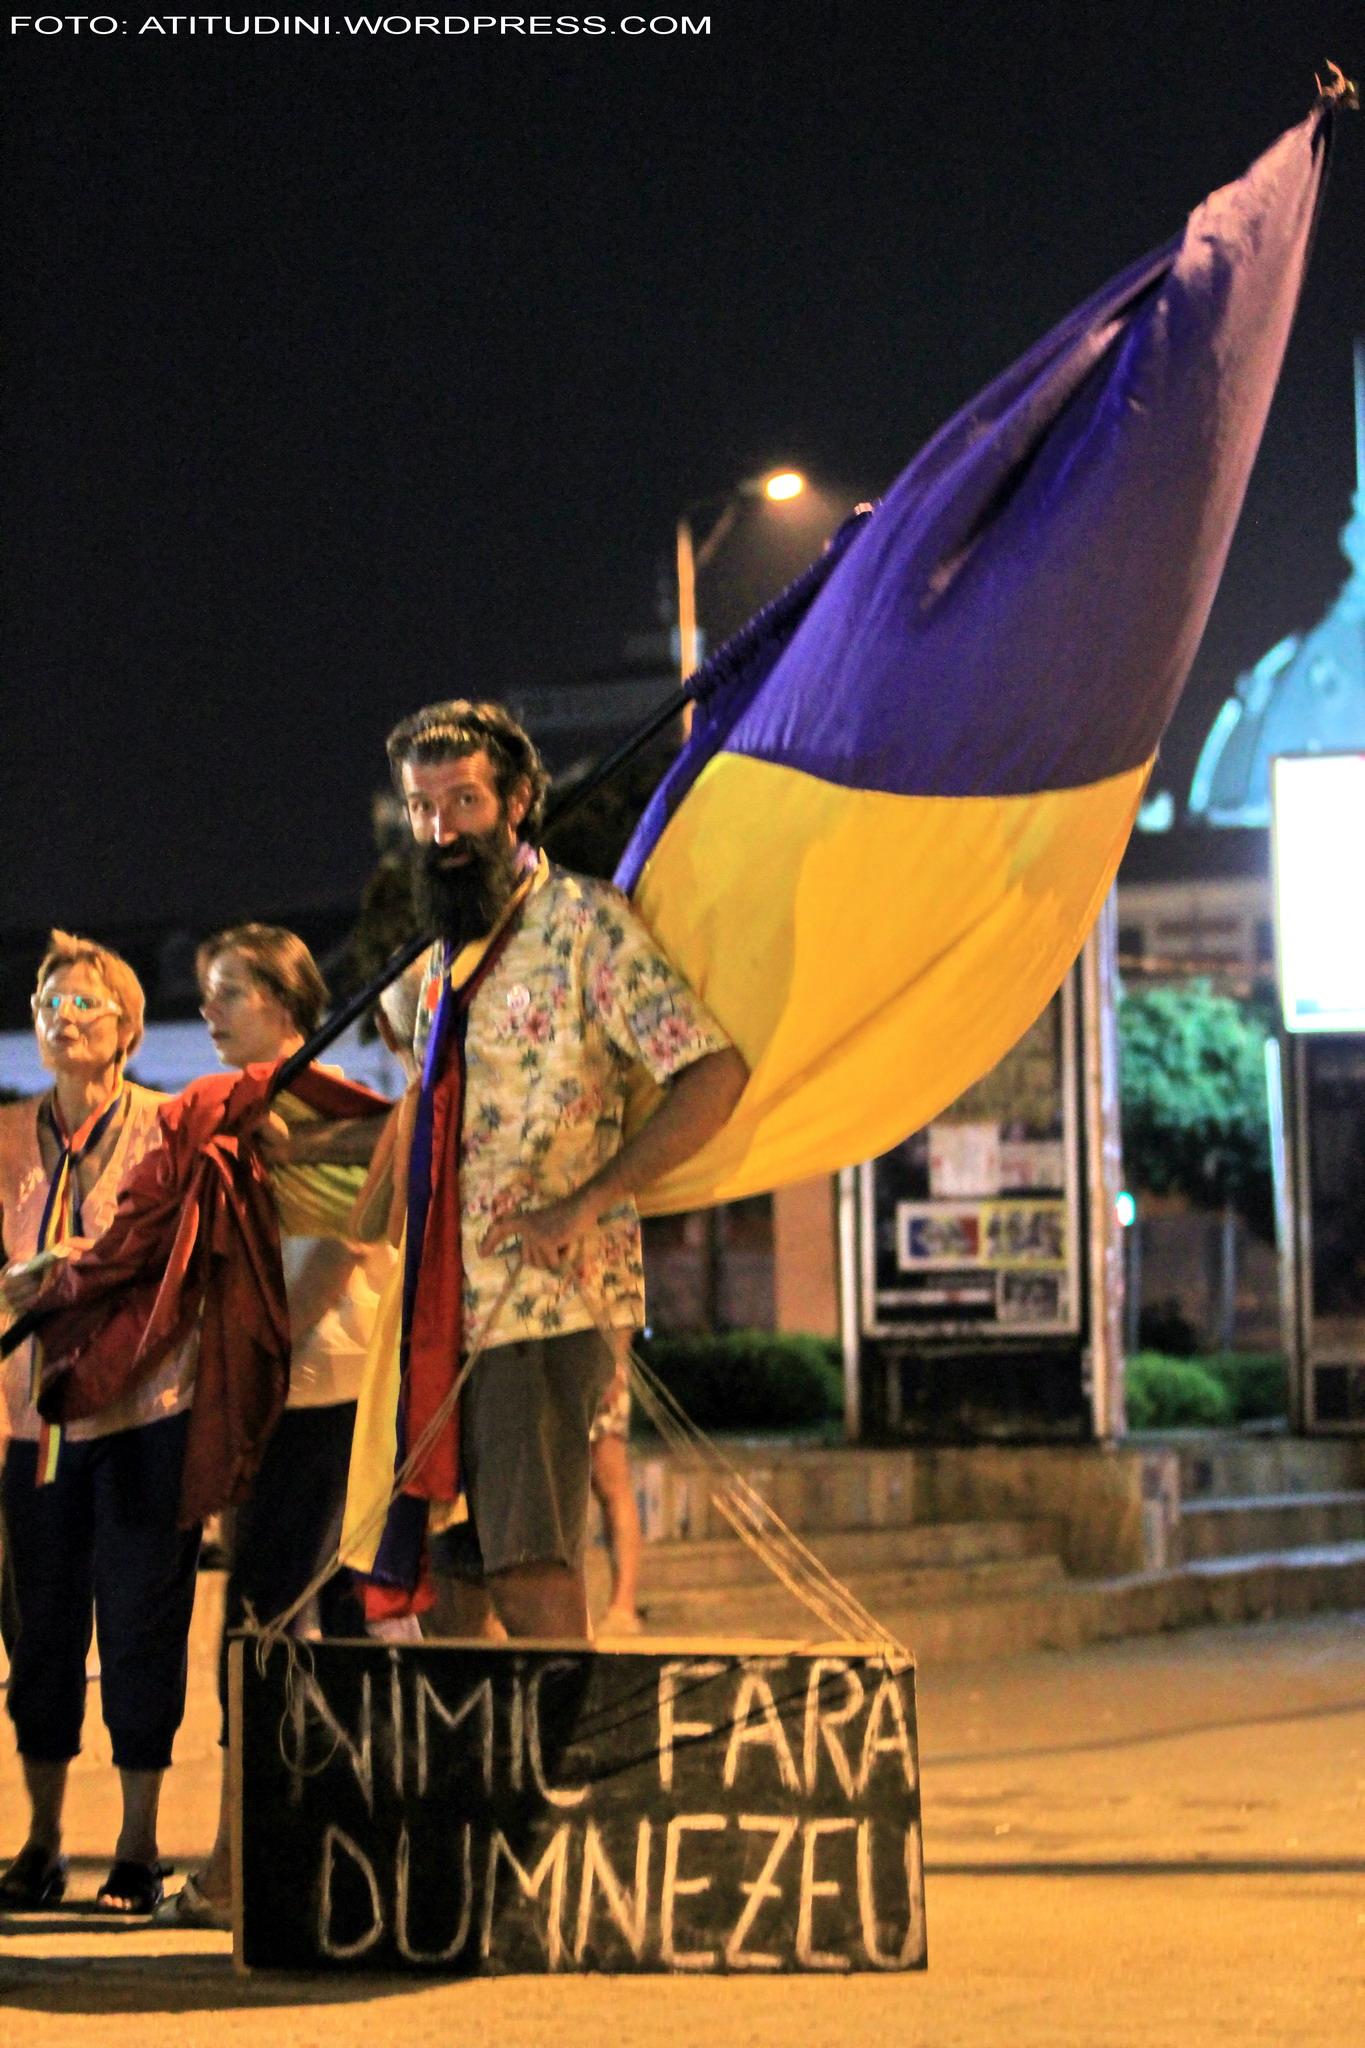 2012_08_25_piata_universitatii_ceraz_avramuta